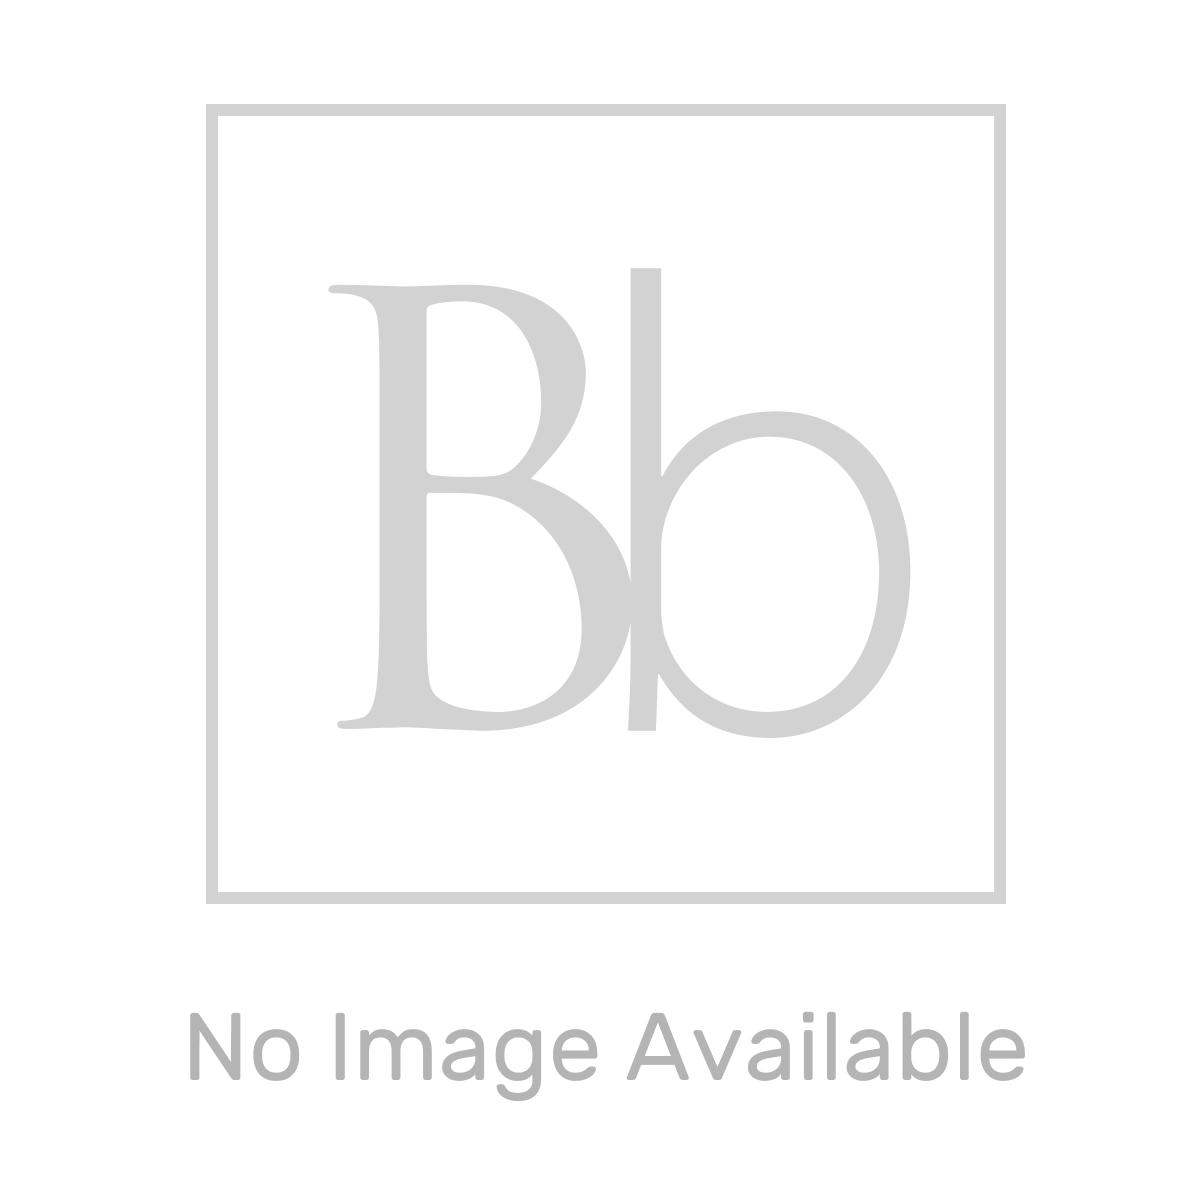 Frontline Aquaglass+ Sphere Black Tinted Quadrant Shower Enclosure Roller